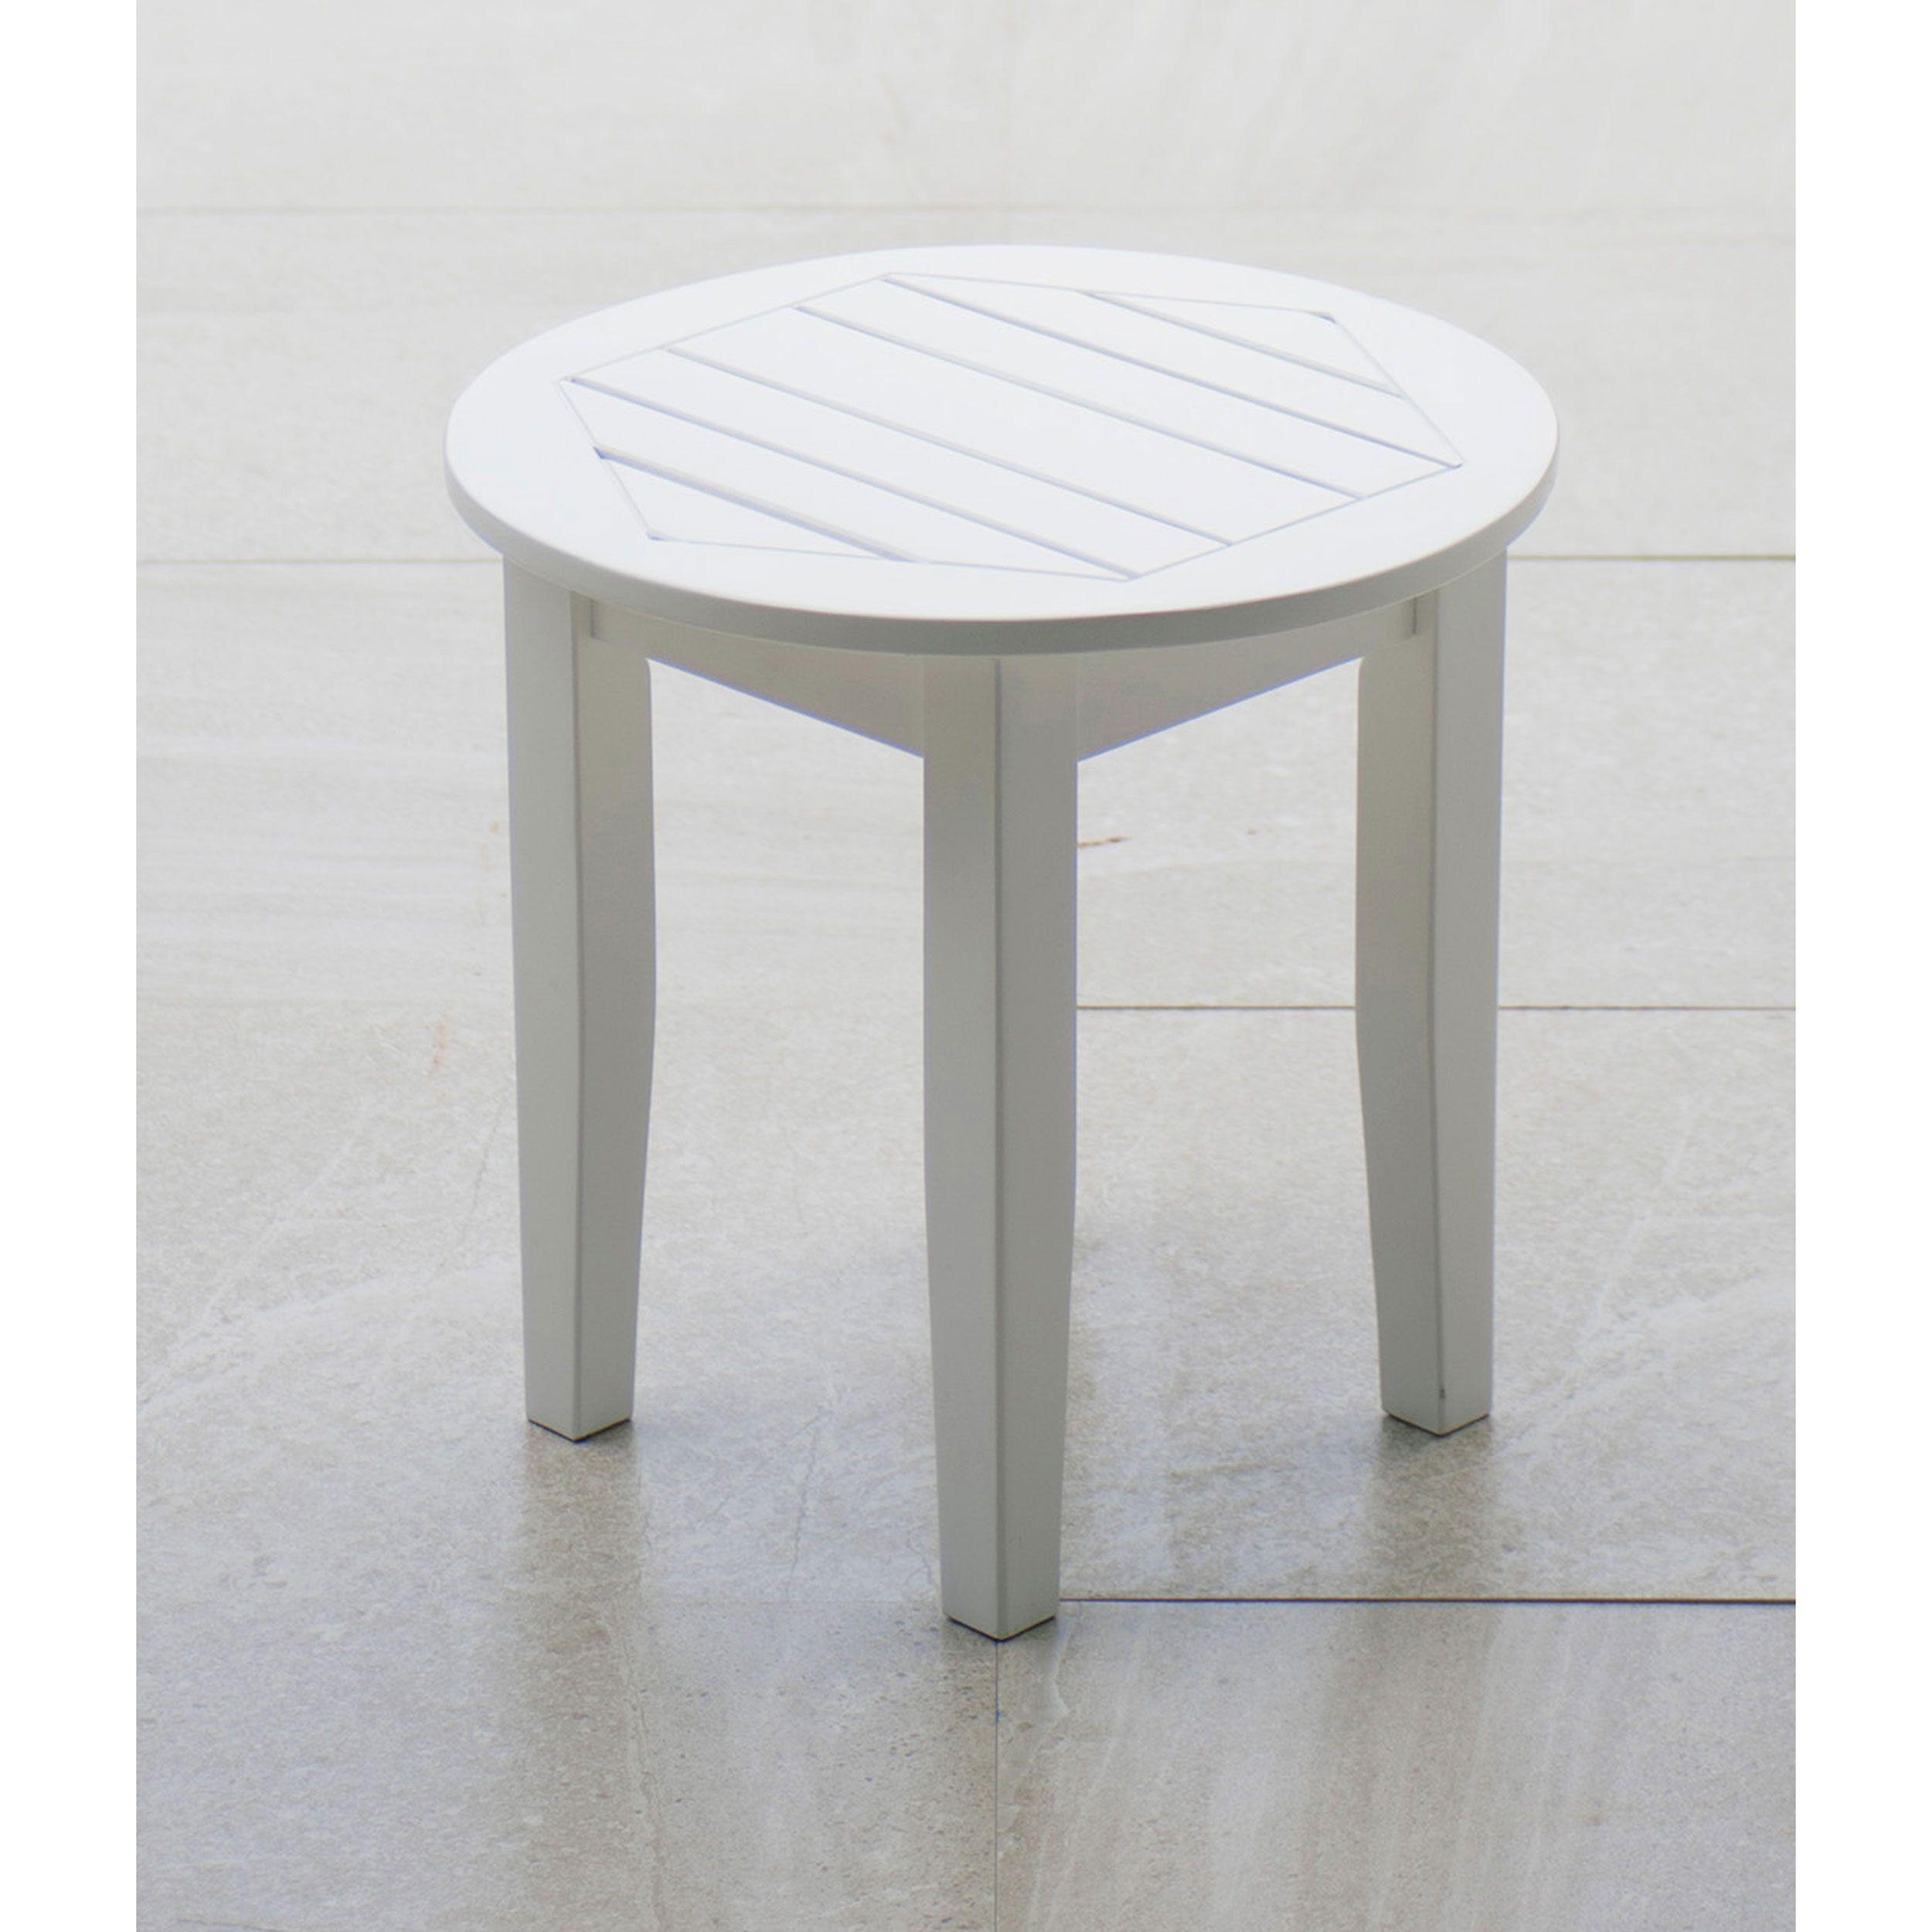 Cambridge Casual Alston White Side Table 18 In Lx W X